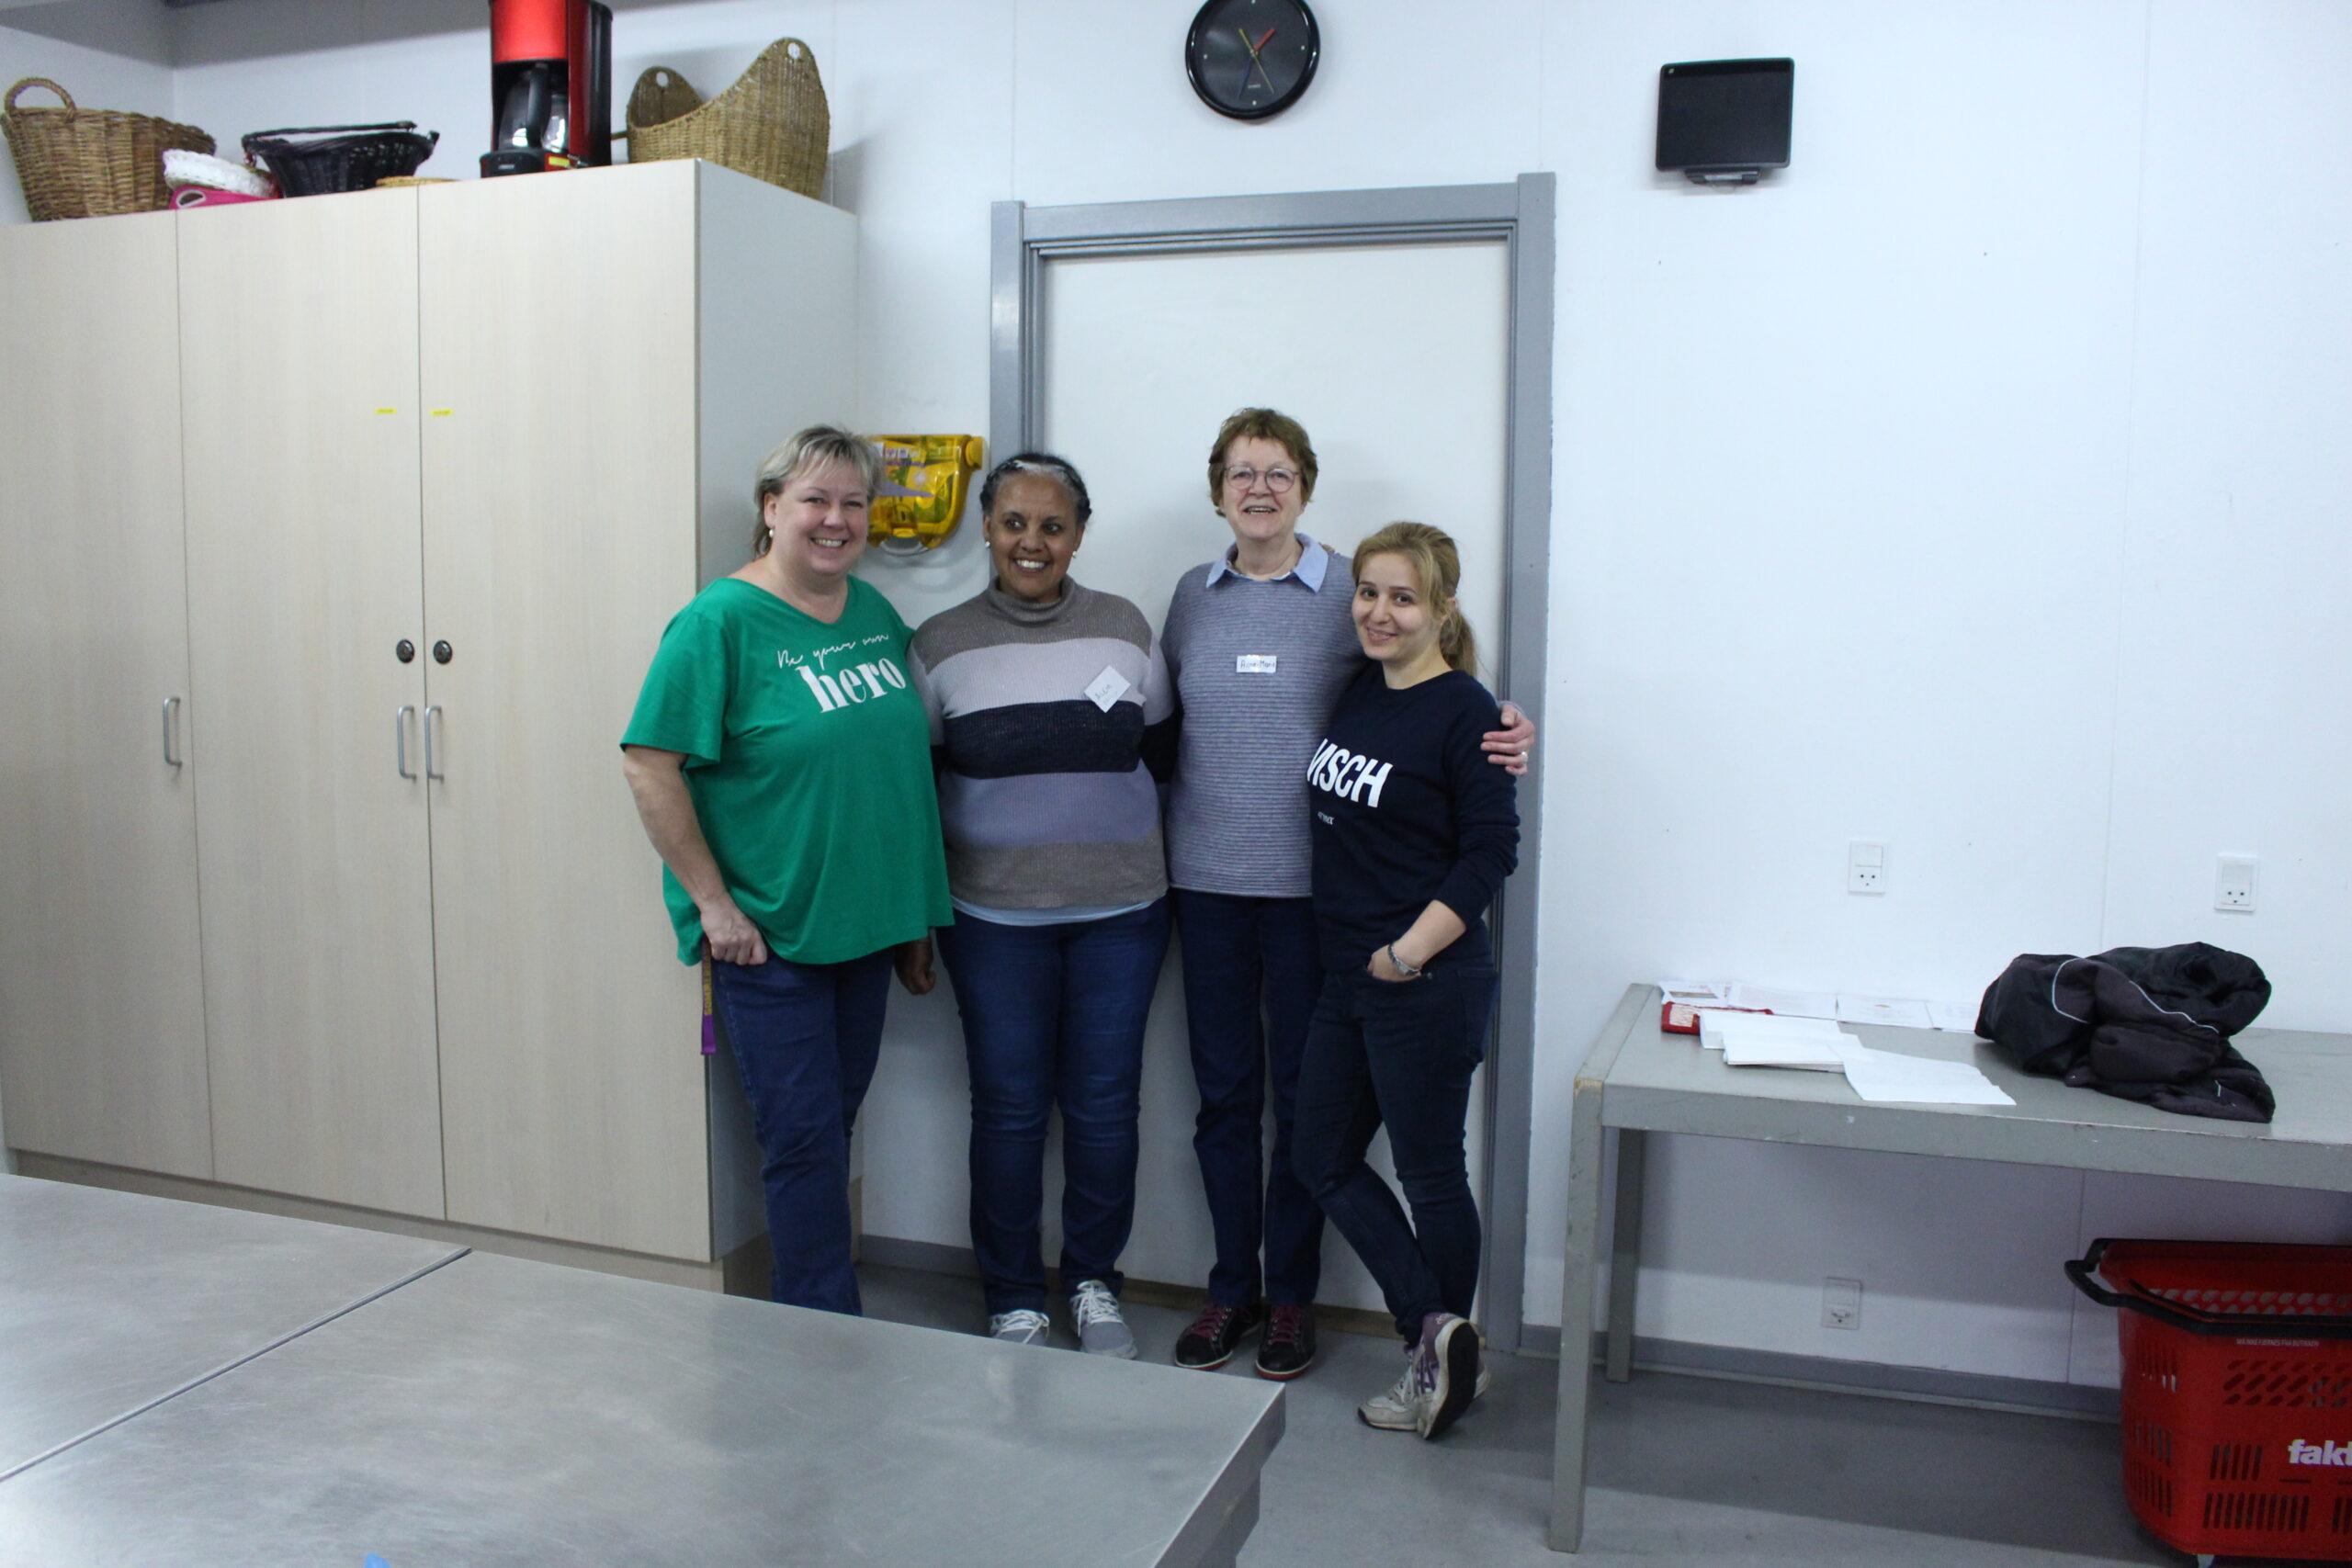 4 kvinder står opstillet i køkkenet i det internationale hus ved Kvaglund Kirke.